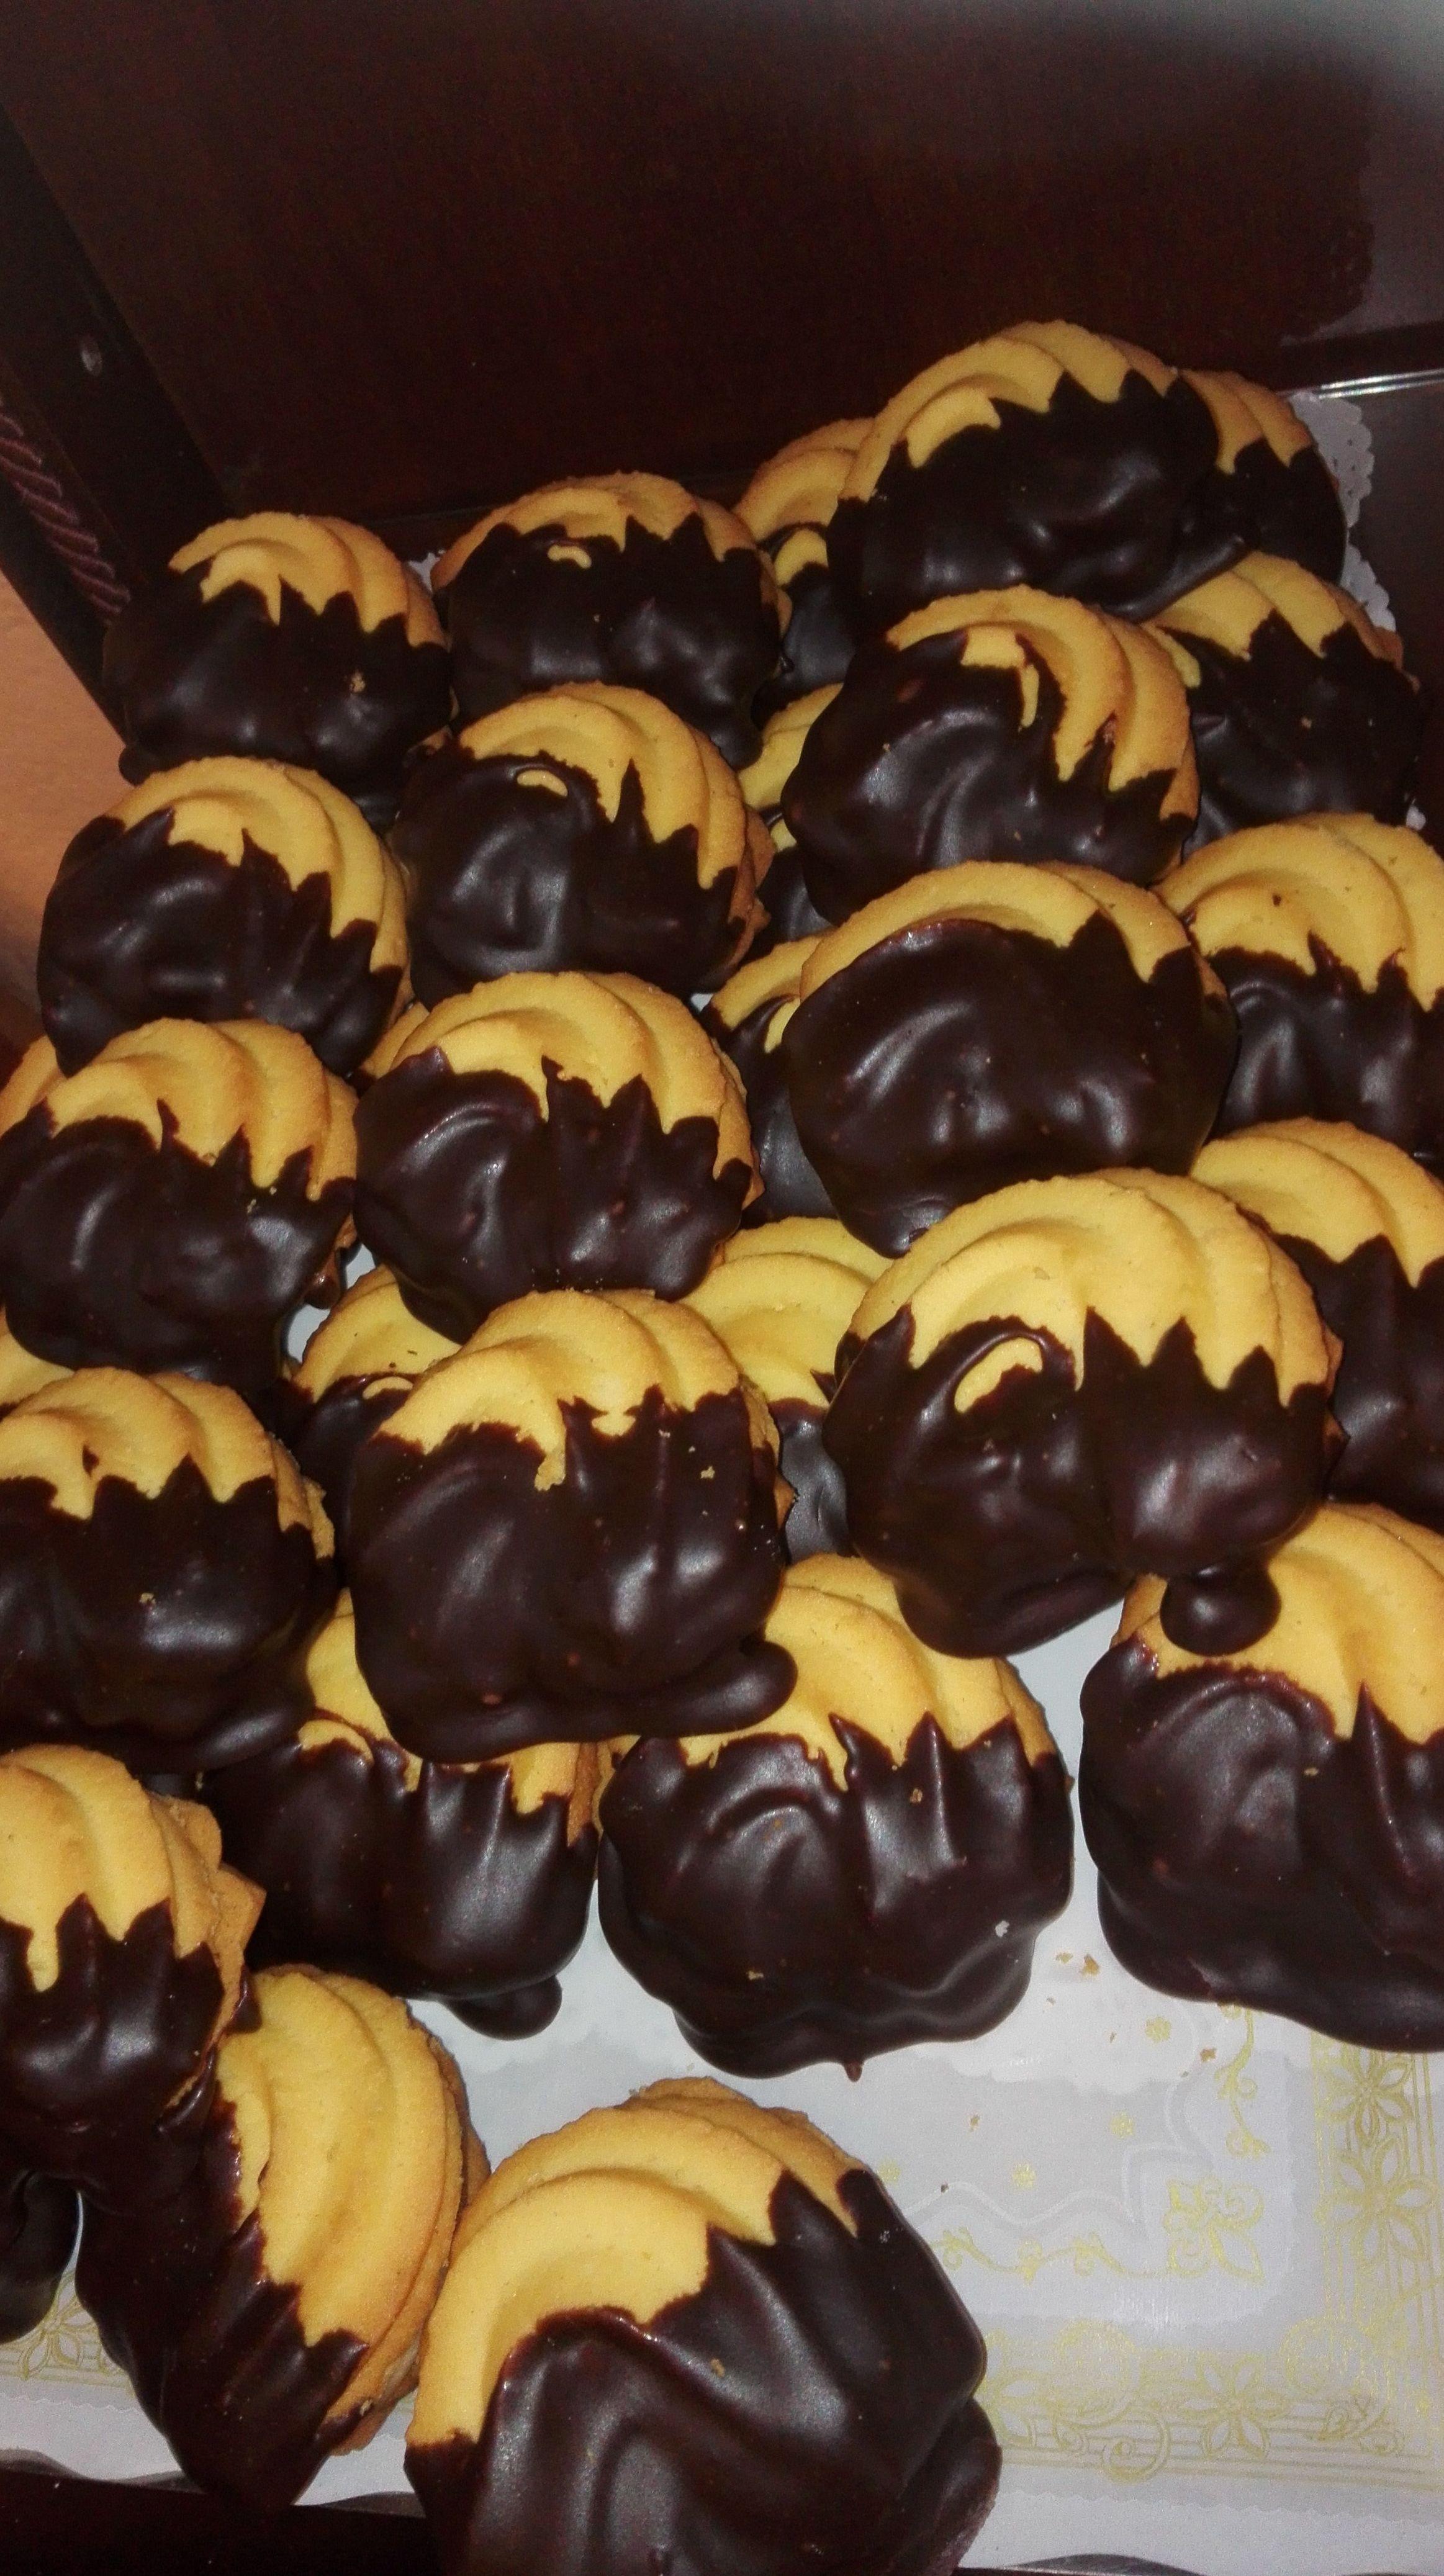 Pastas artesanas: Productos de Panadería Horno de San Antonio